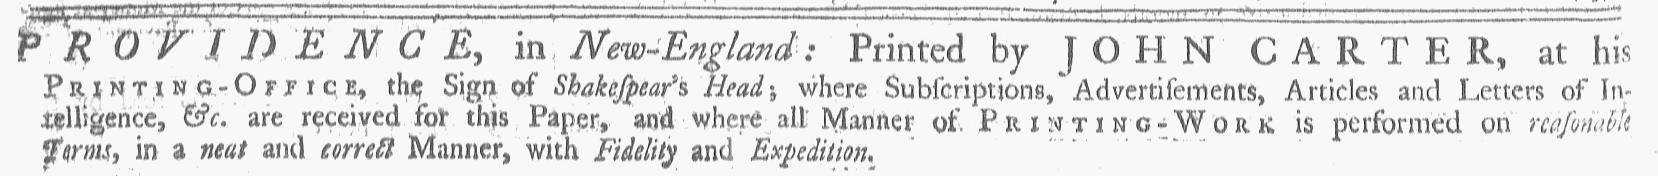 Jul 15 - 7:15:1769 Providence Gazette